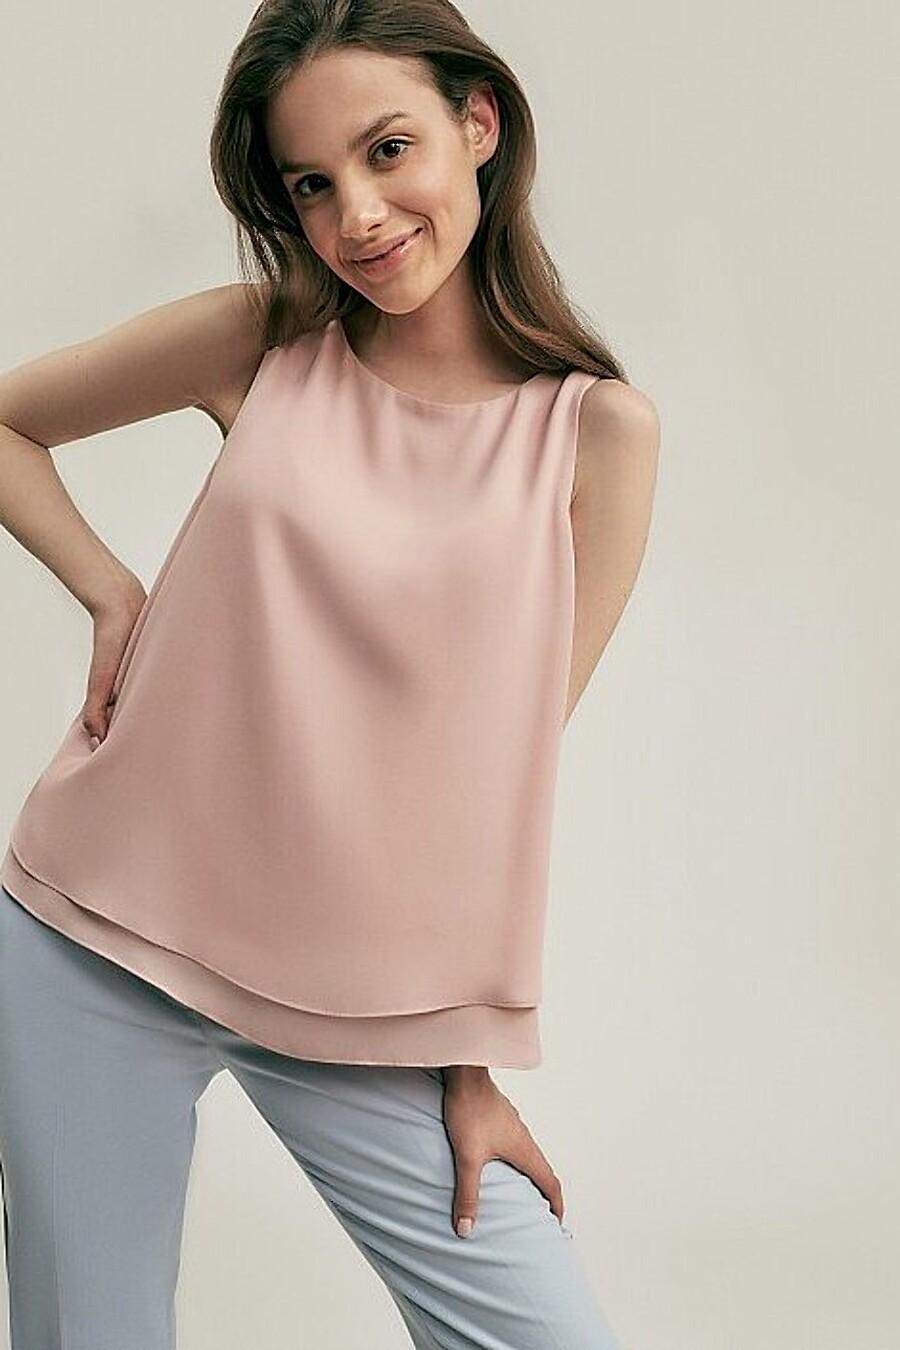 Топ для женщин CALISTA 655302 купить оптом от производителя. Совместная покупка женской одежды в OptMoyo